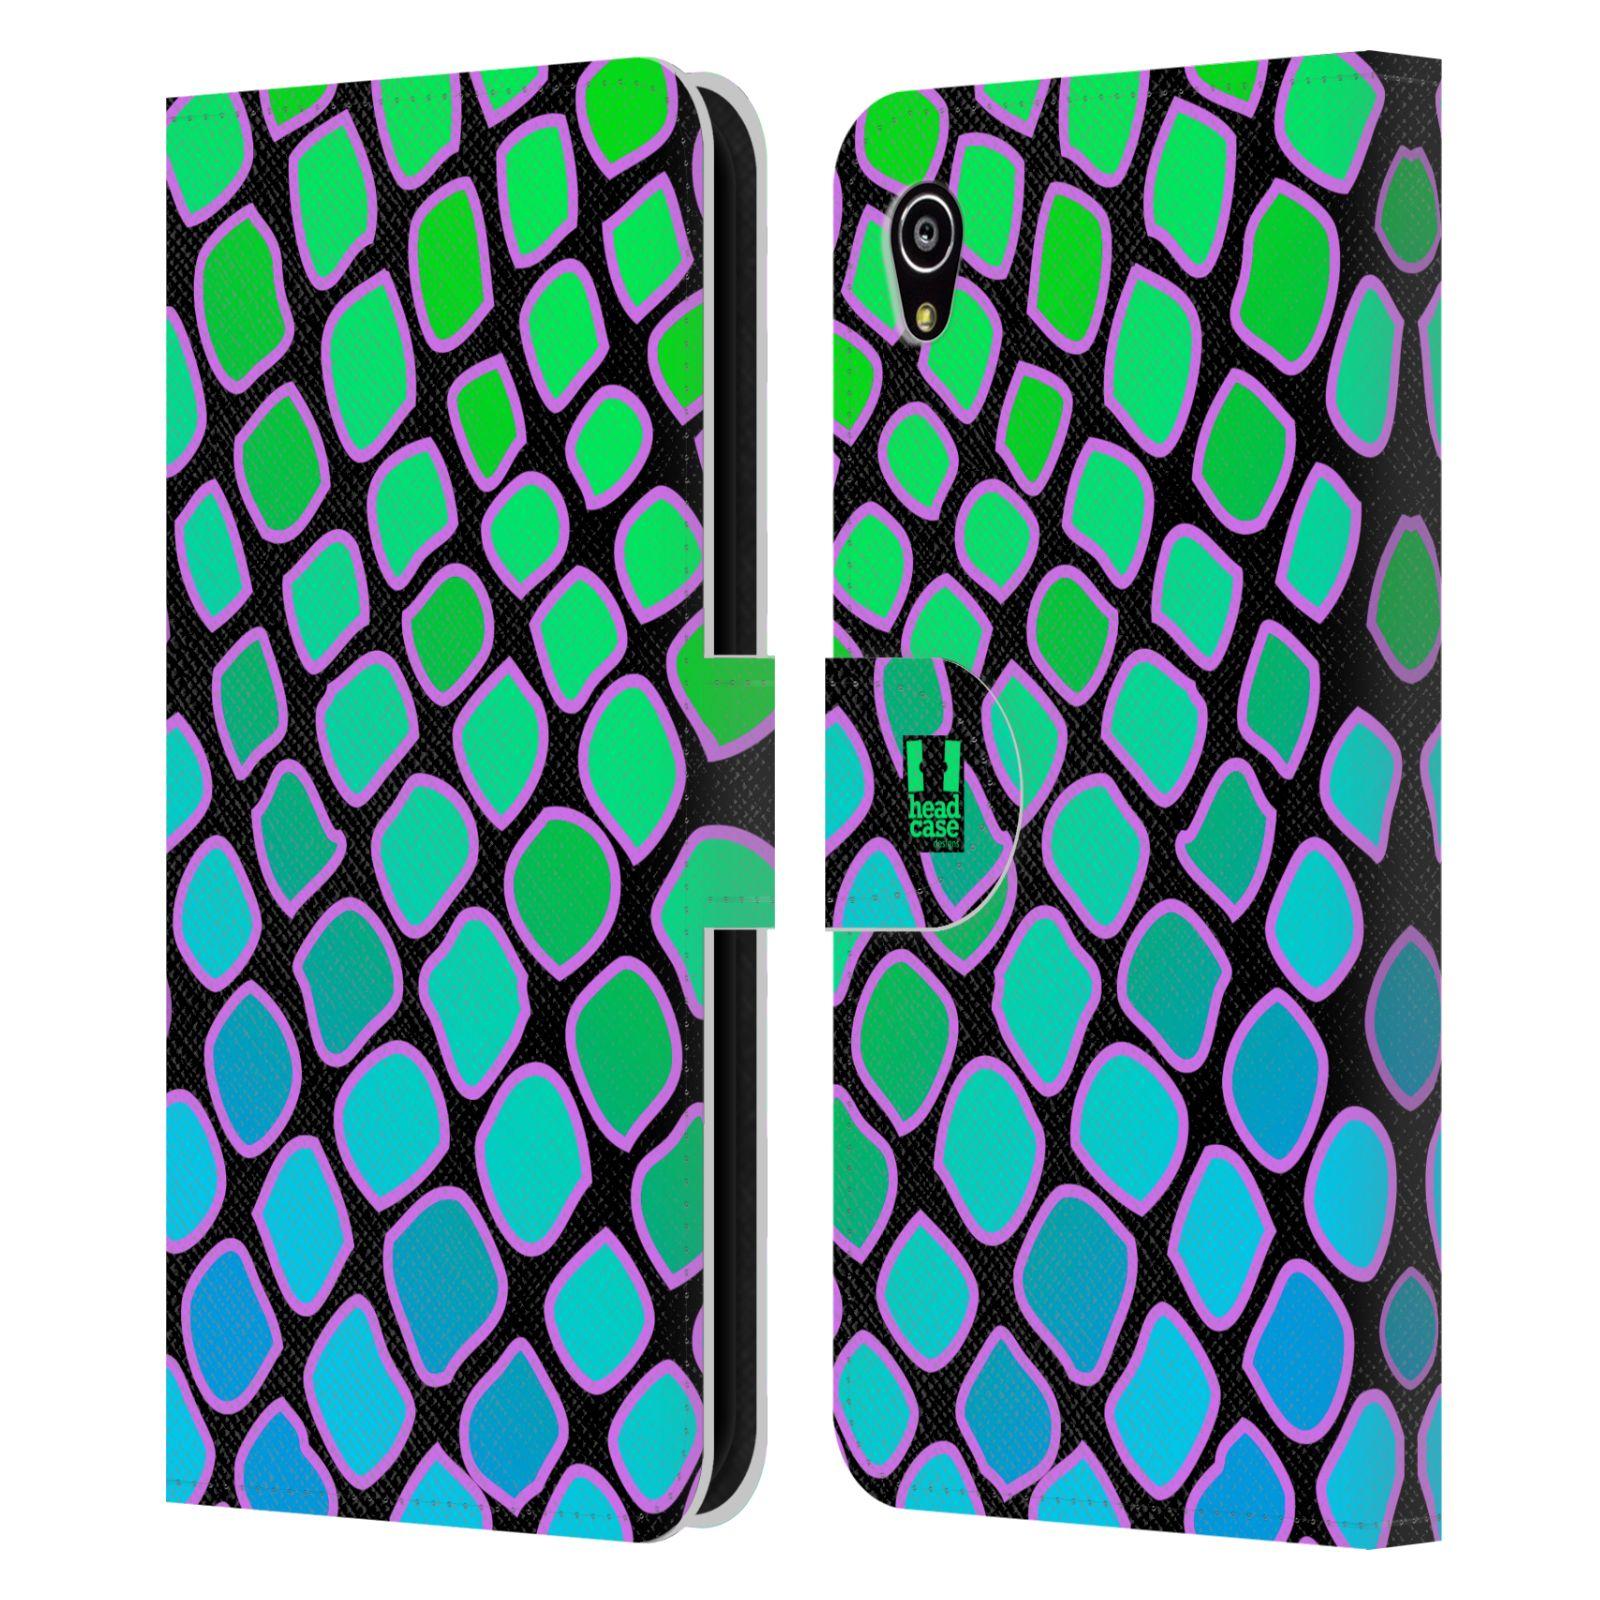 HEAD CASE Flipové pouzdro pro mobil SONY XPERIA M4 AQUA Zvířecí barevné vzory vodní had modrá a zelená barva AQUA